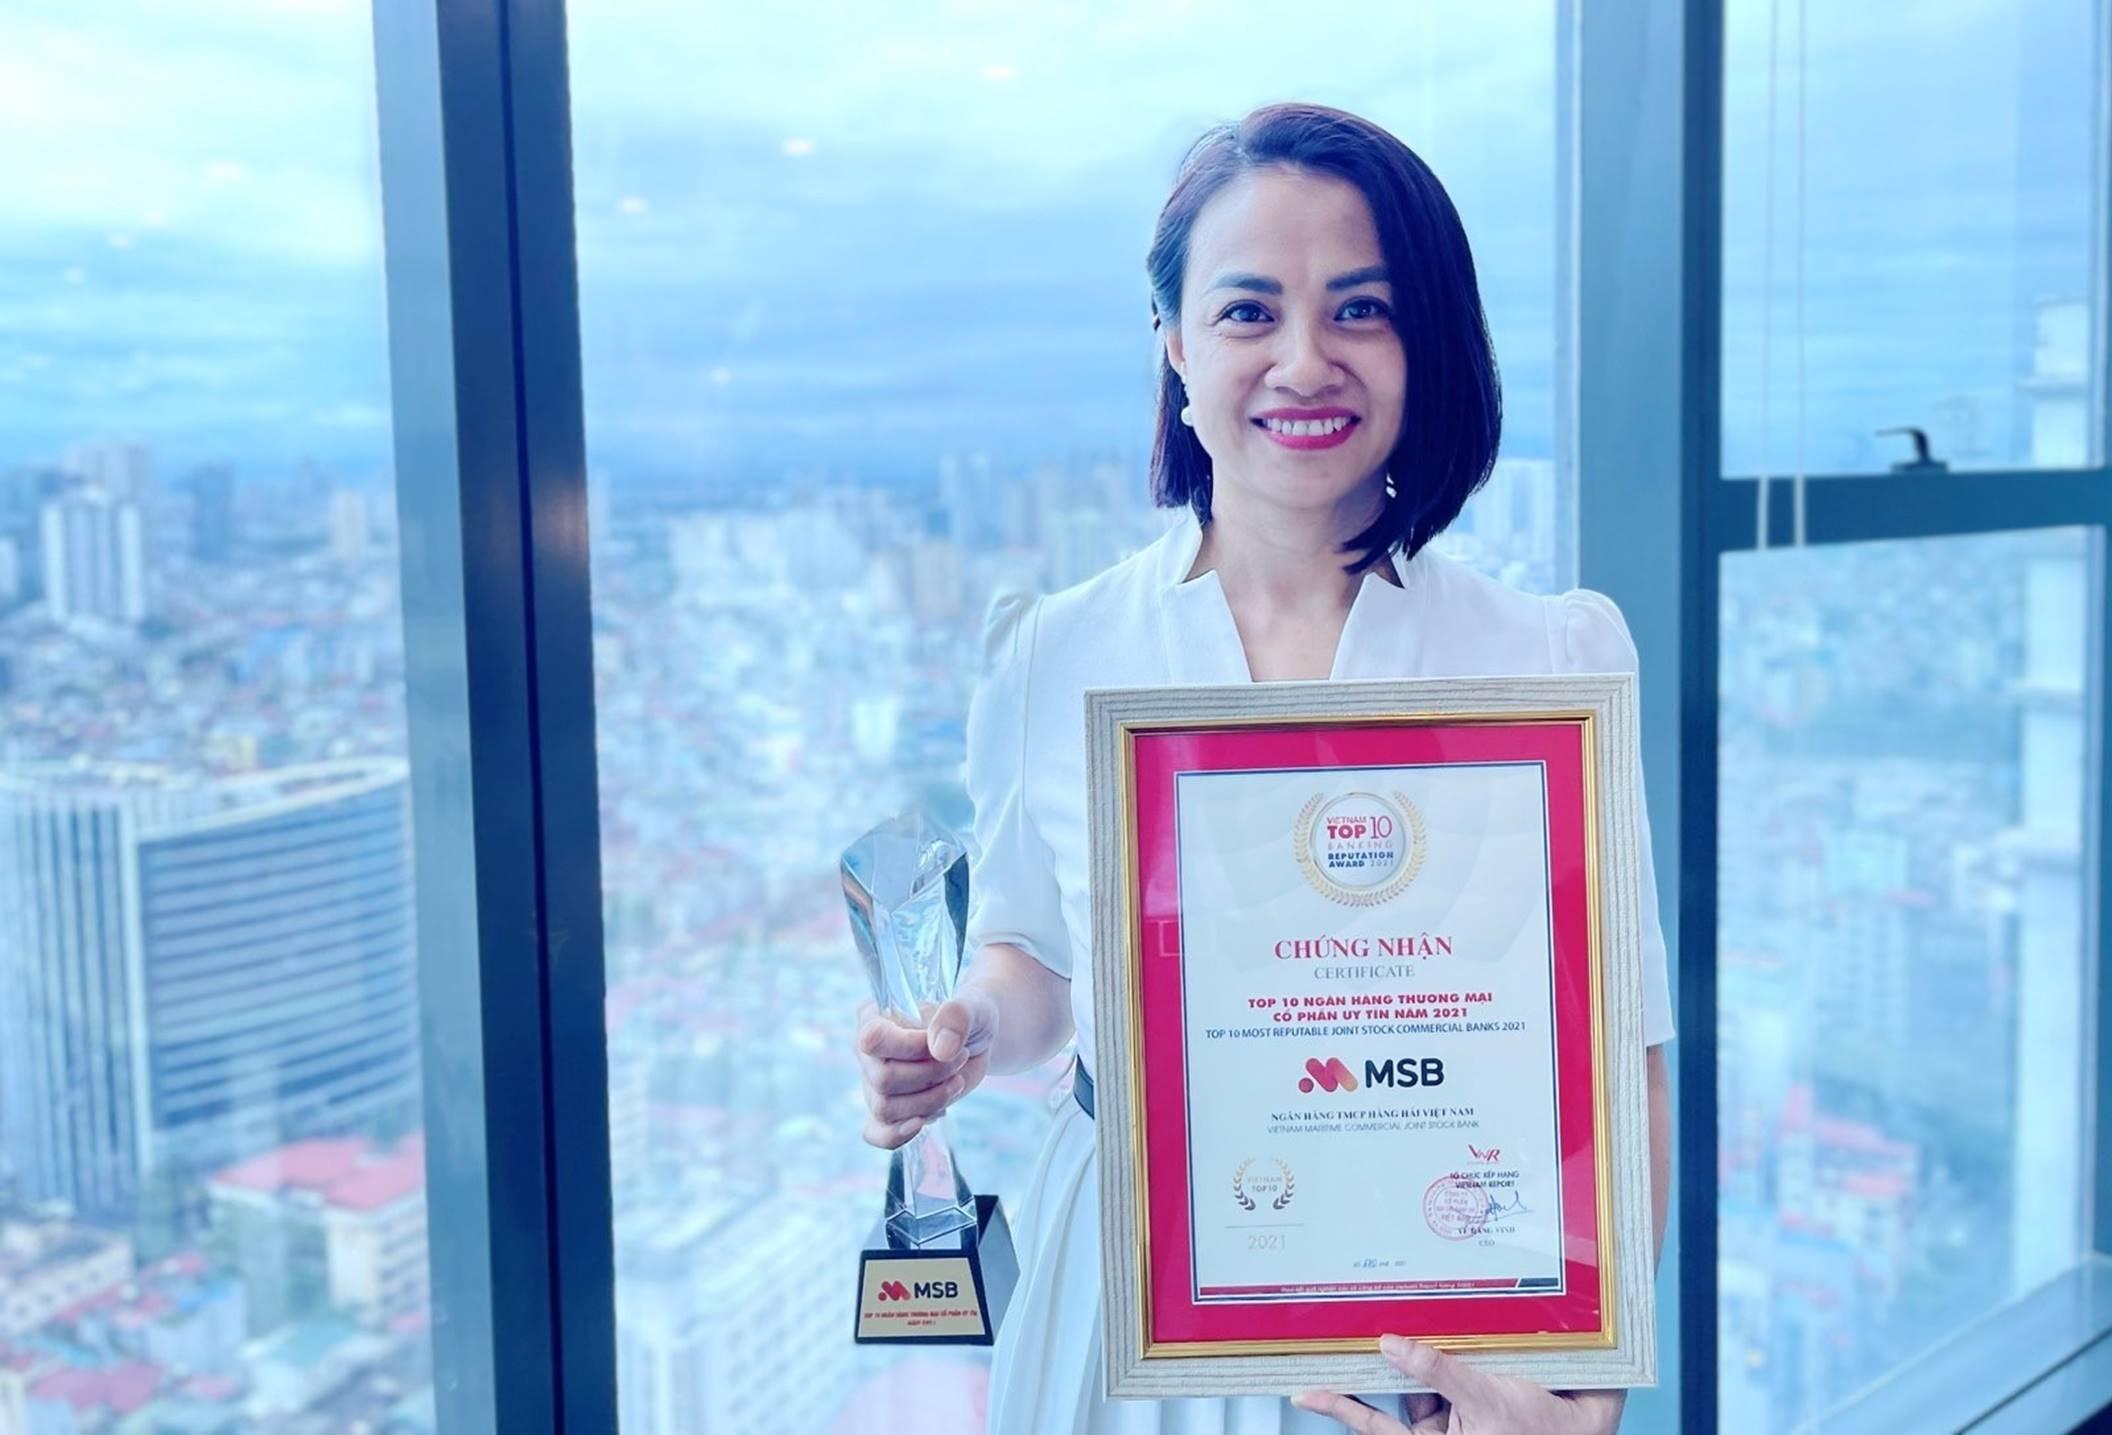 MSB vào Top 10 ngân hàng thương mại cổ phần uy tín nhất Việt Nam